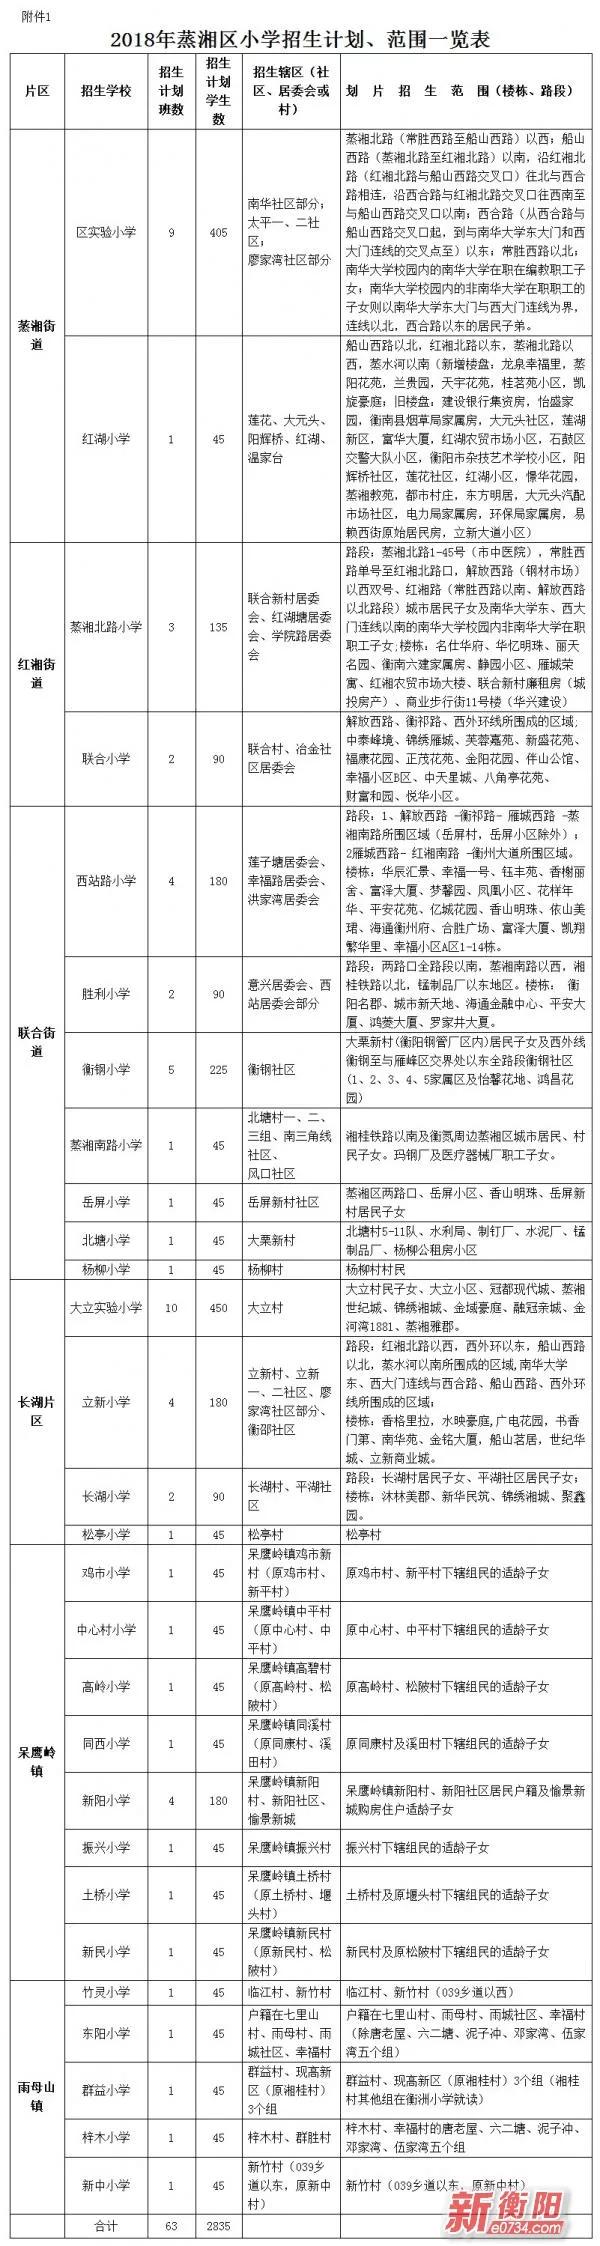 衡阳四区公布各小学划片范围、招生计划